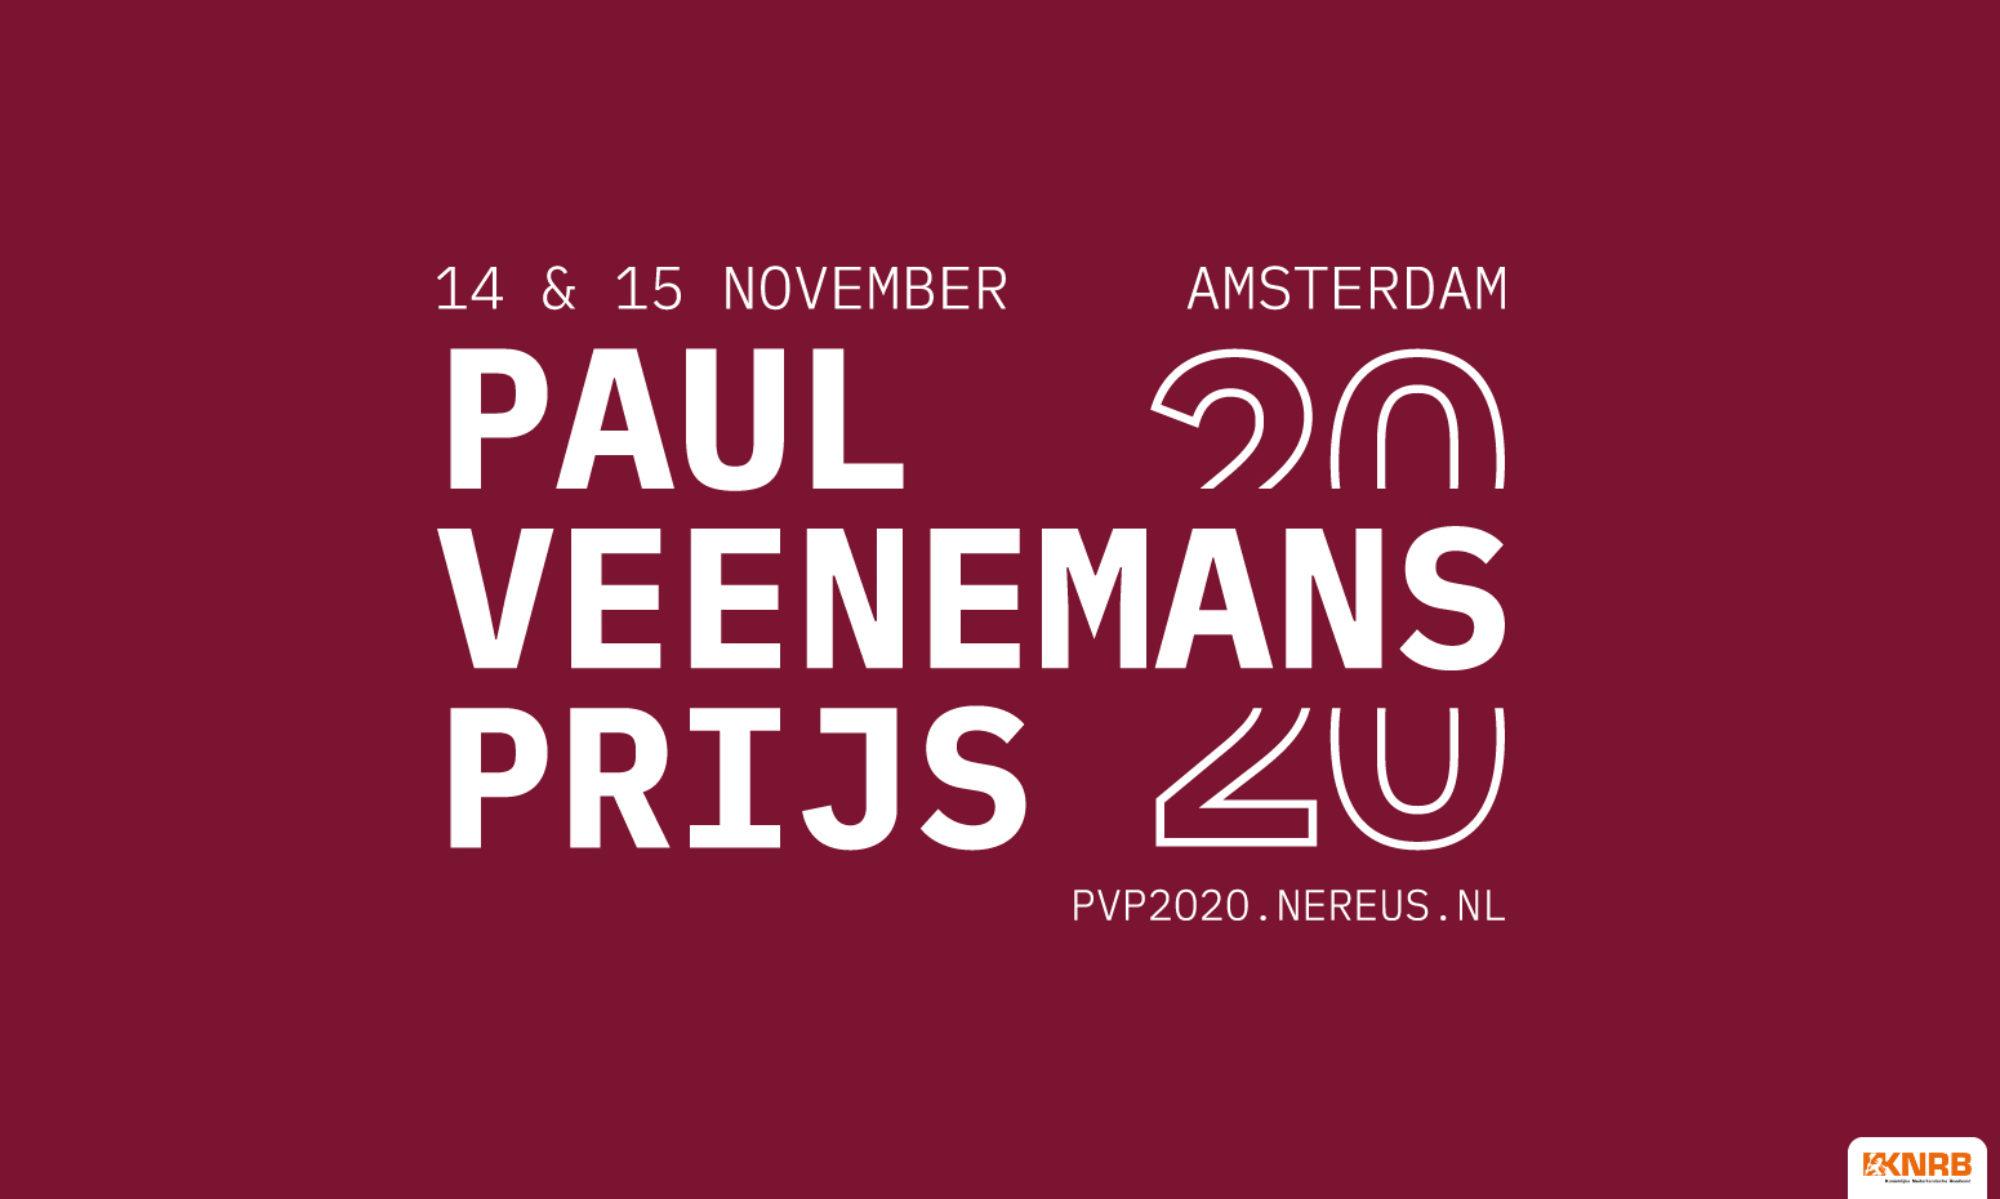 Paul Veenemans Prijs 2020